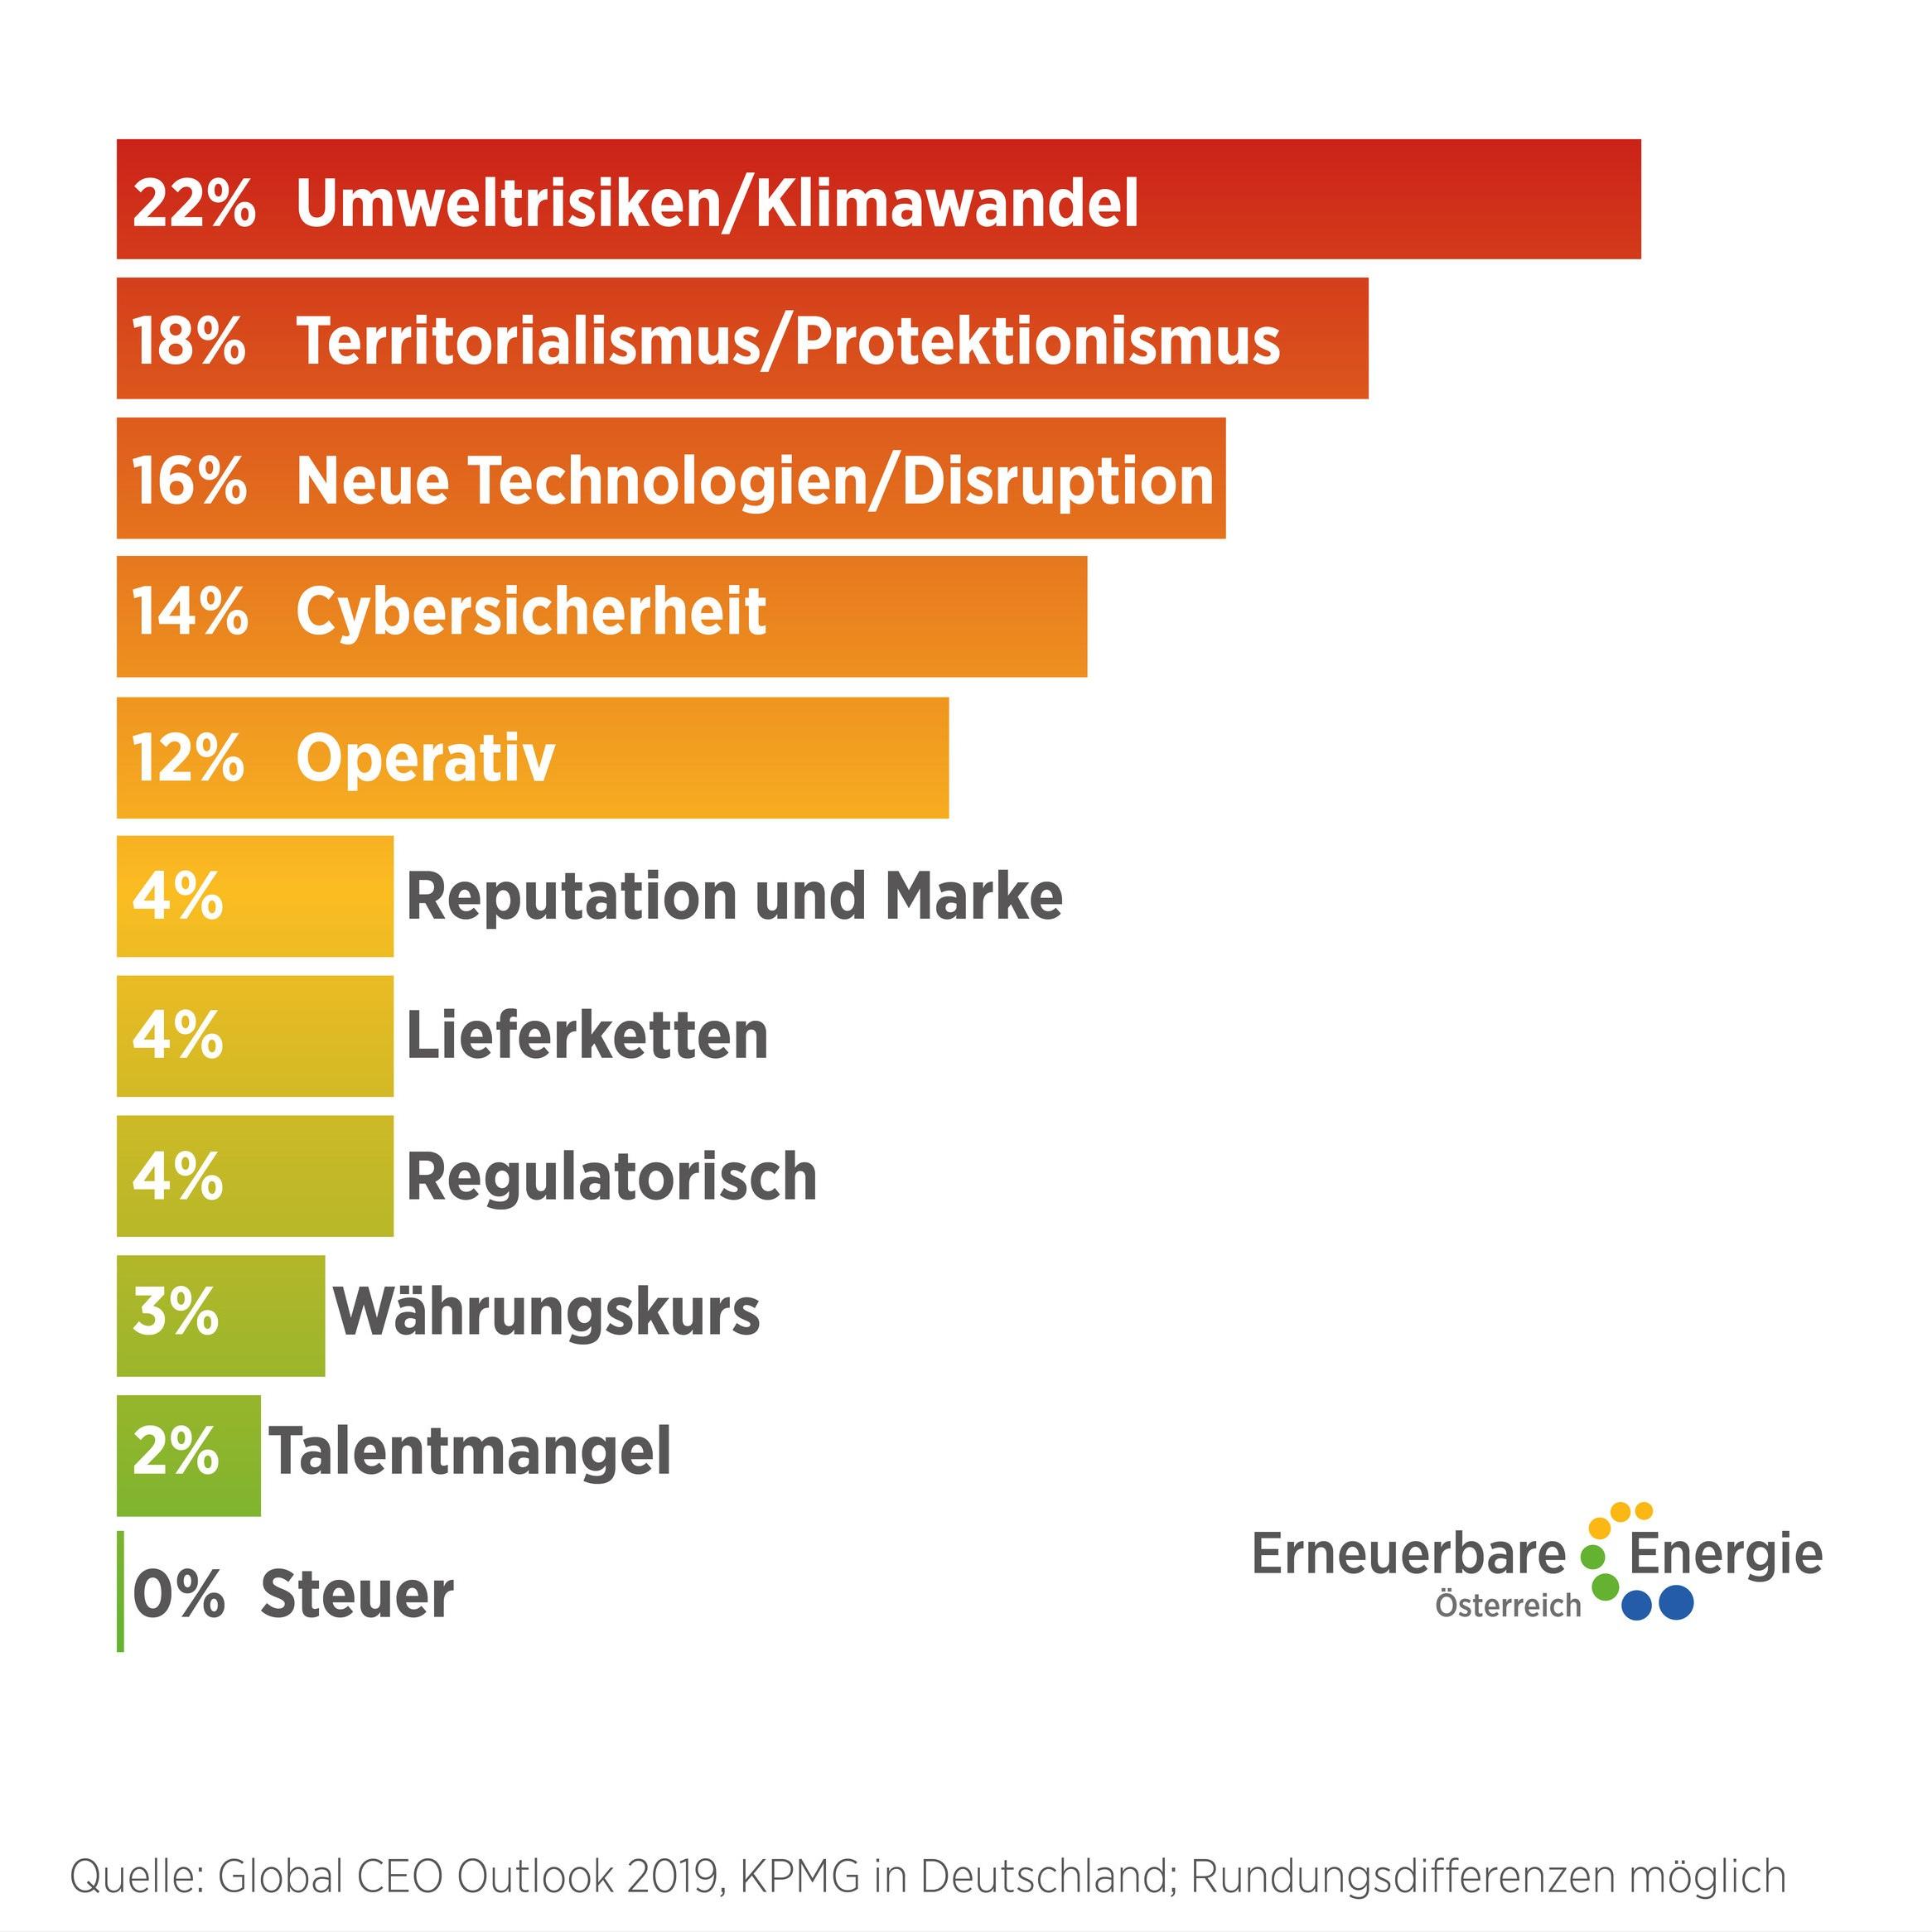 Risikoeinschätzung internationaler Unternehmen  ©Erneuerbare Energie Österreich Uneingeschränkte Nutzung honorarfrei bei Nennung des Urhebers.